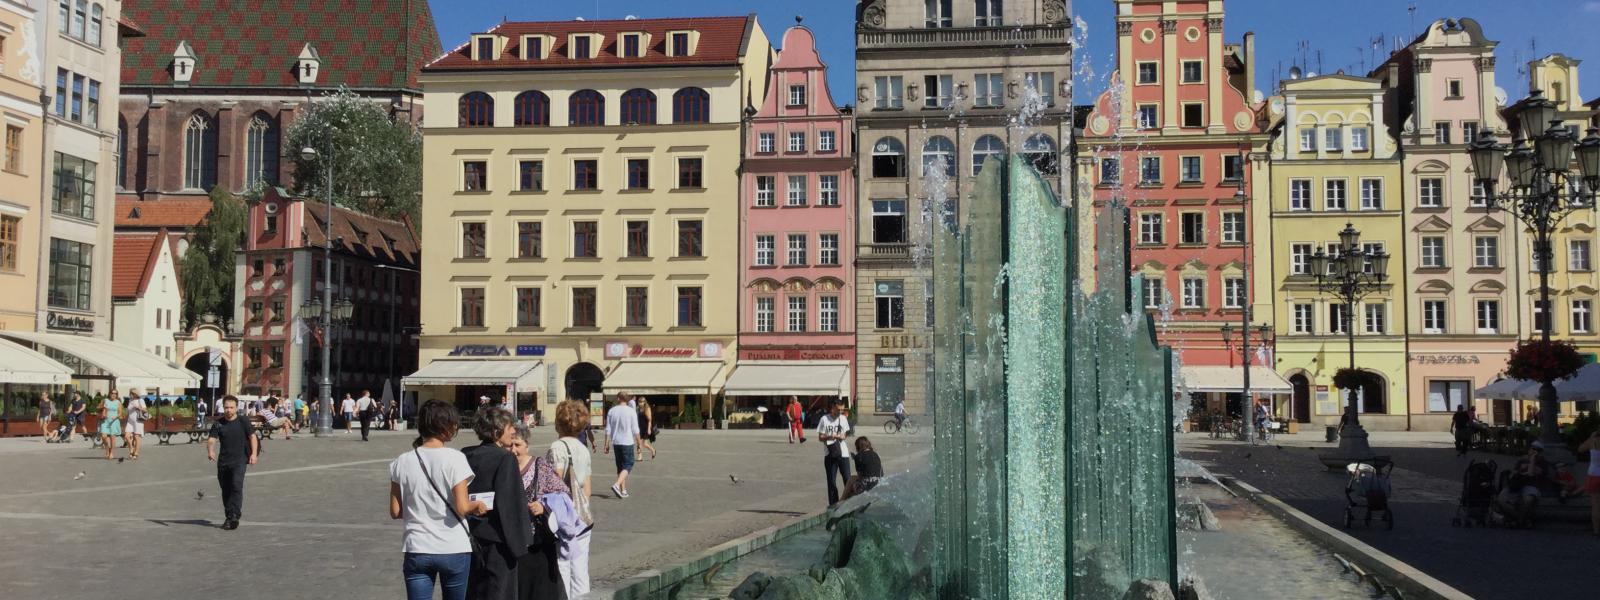 Wroclaw, onbekend maar meer dan de moeite waard.